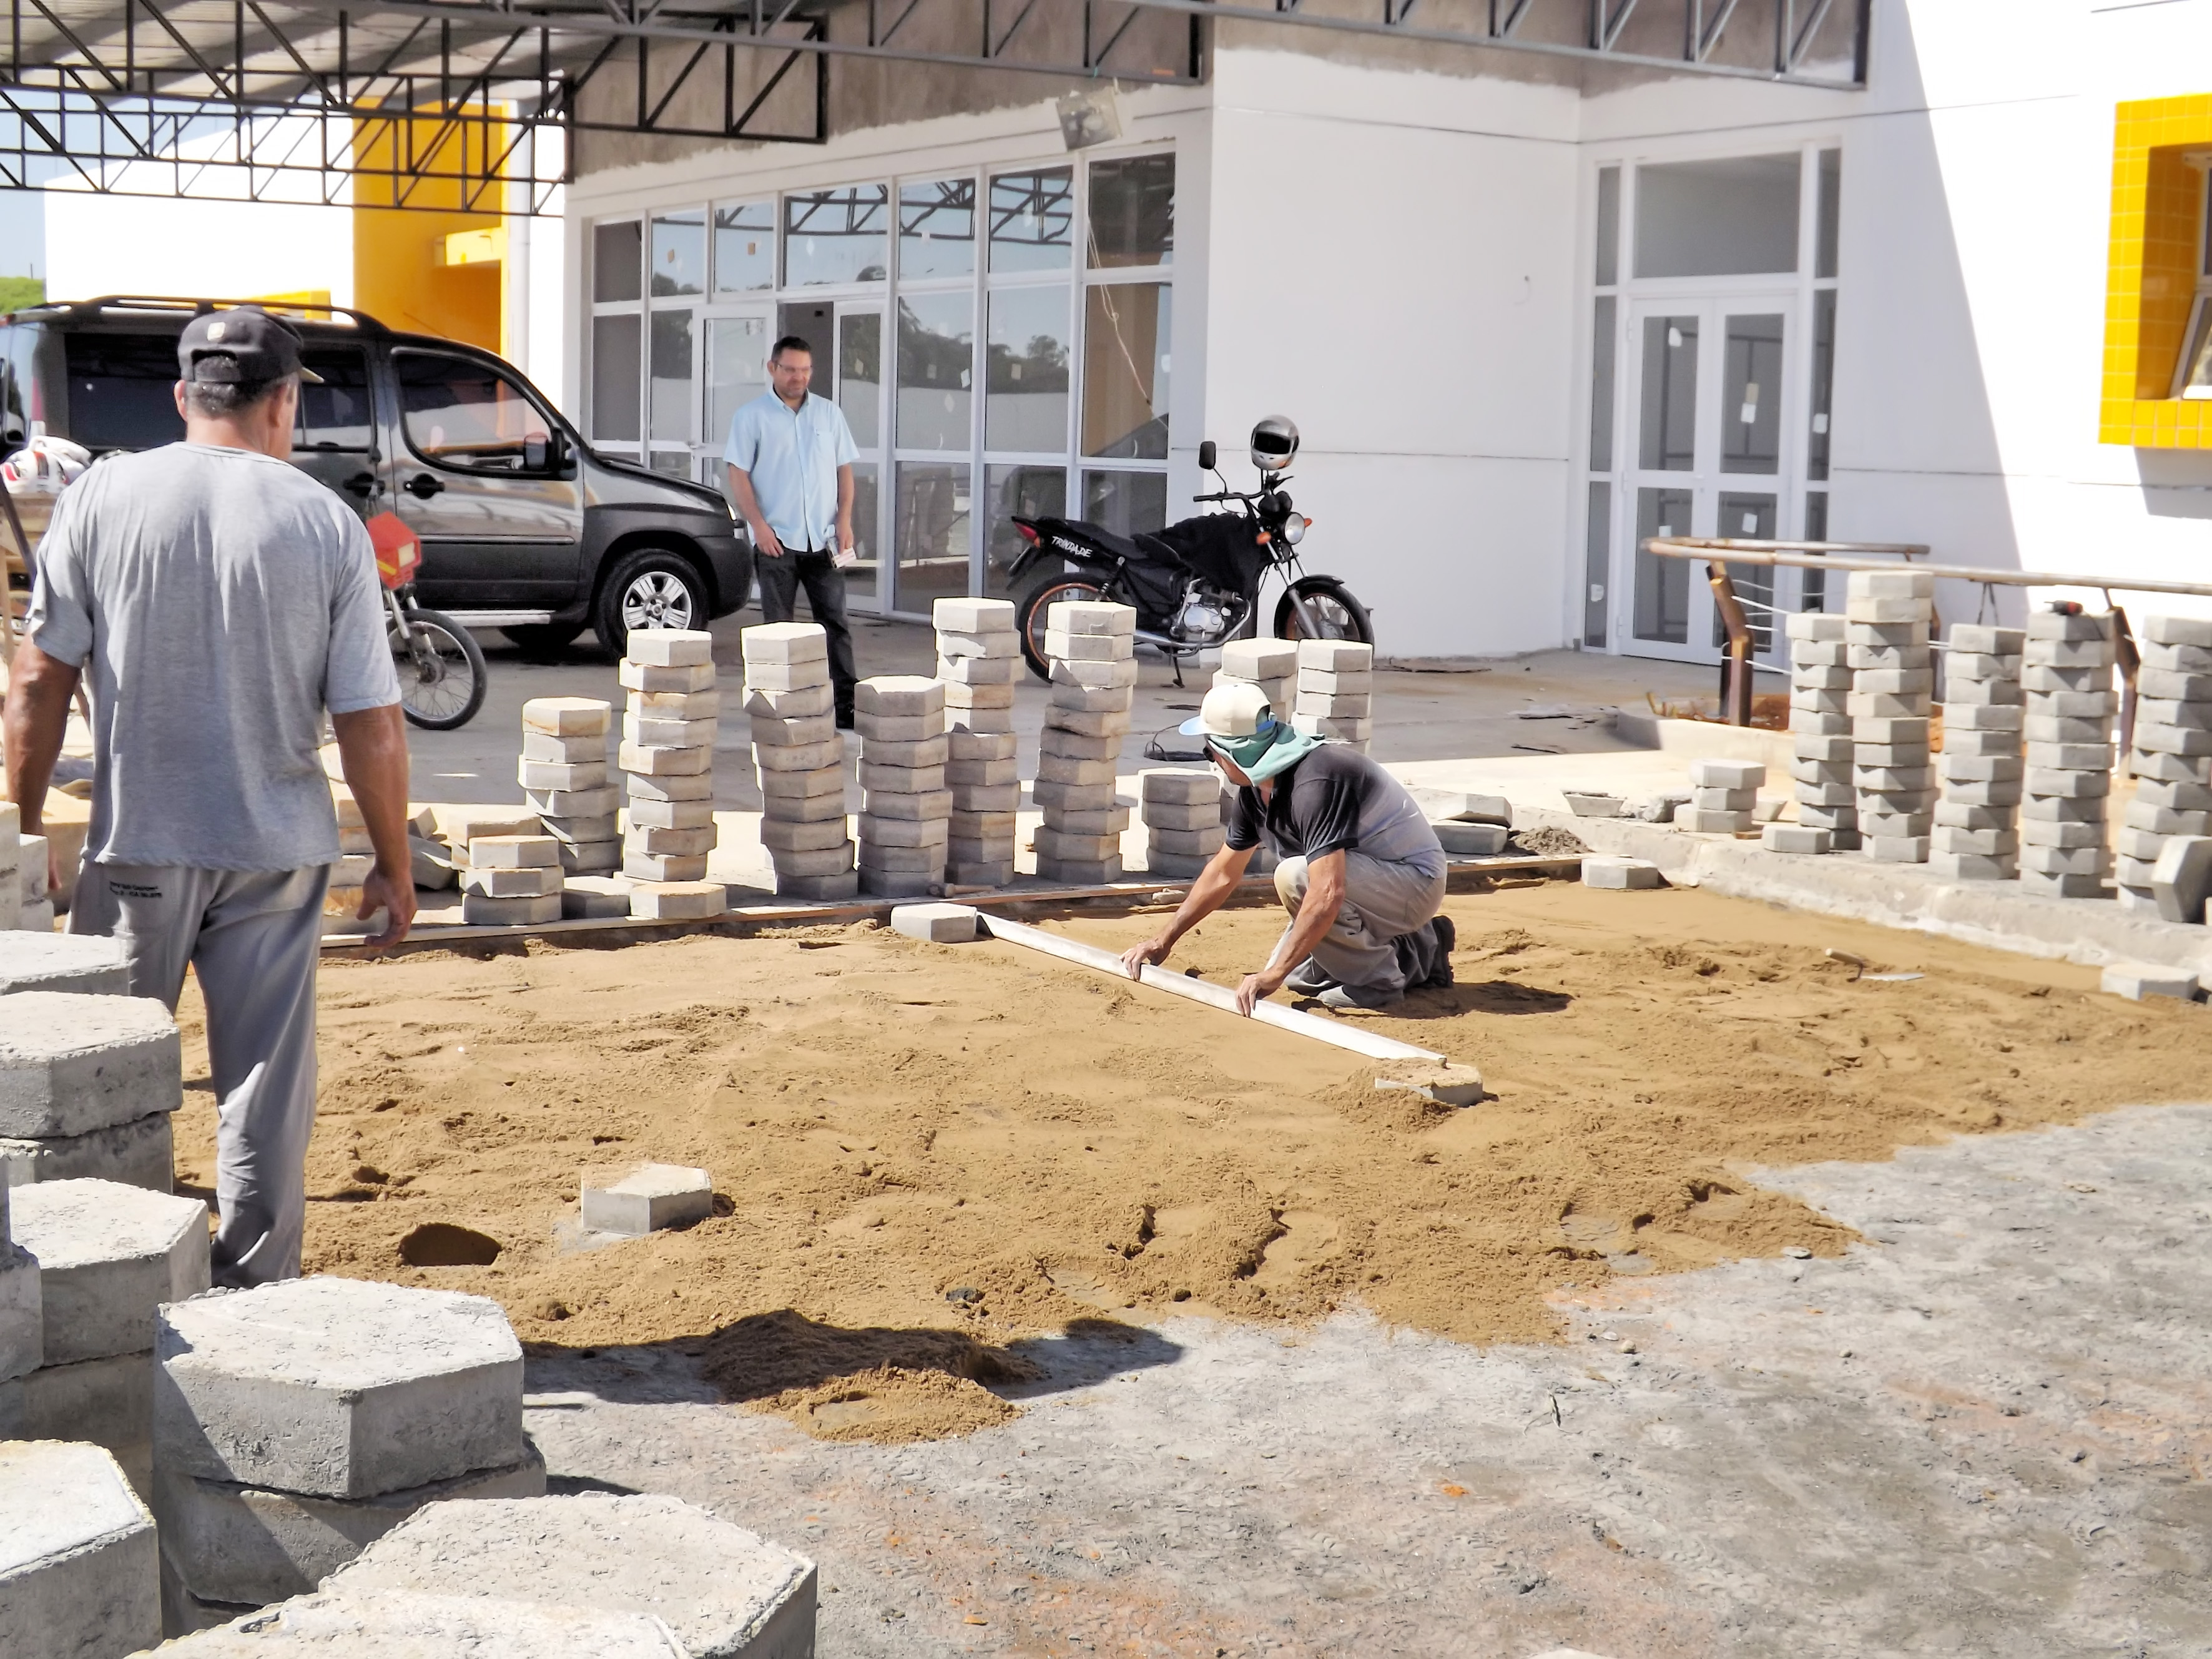 Funcionários trabalham em obra da construçãodo CER, uma das várias obras em andamento em Lorena (Foto: Lucas Barbosa)